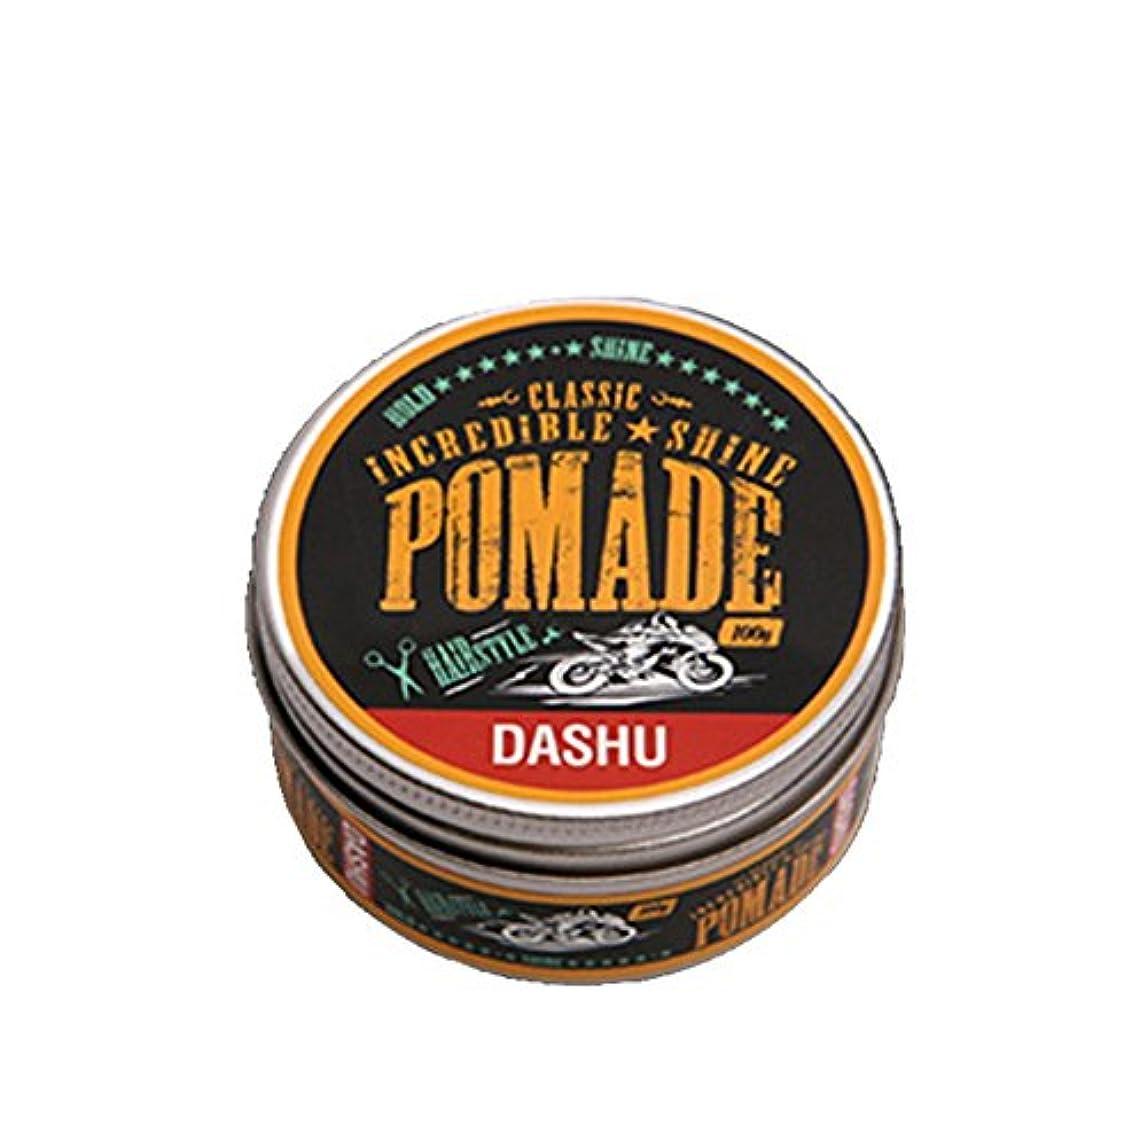 任命核スコットランド人[DASHU] ダシュ クラシック 信じられないほどの輝き ポマードワックス Classic Incredible Shine Pomade Hair Wax 100ml / 韓国製 . 韓国直送品